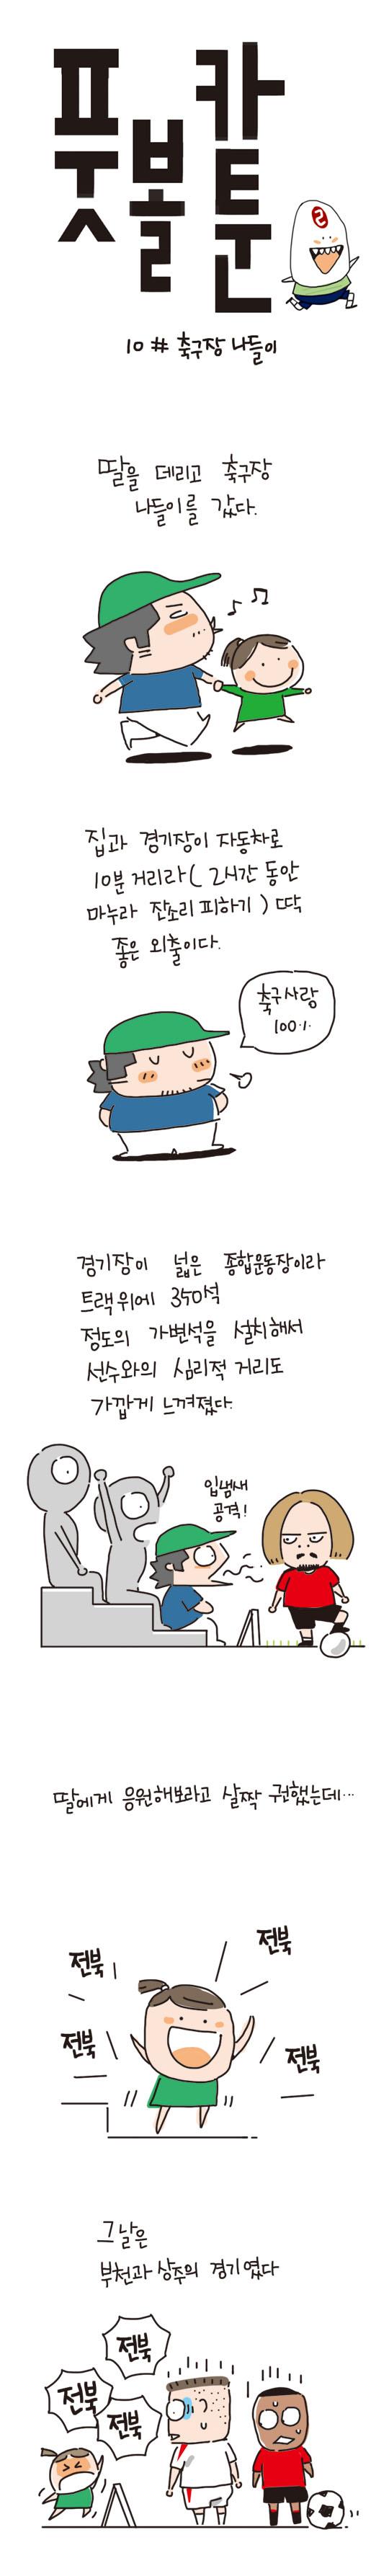 [전진이의 풋볼카툰] #-10 축구장 나들이 기사의 사진